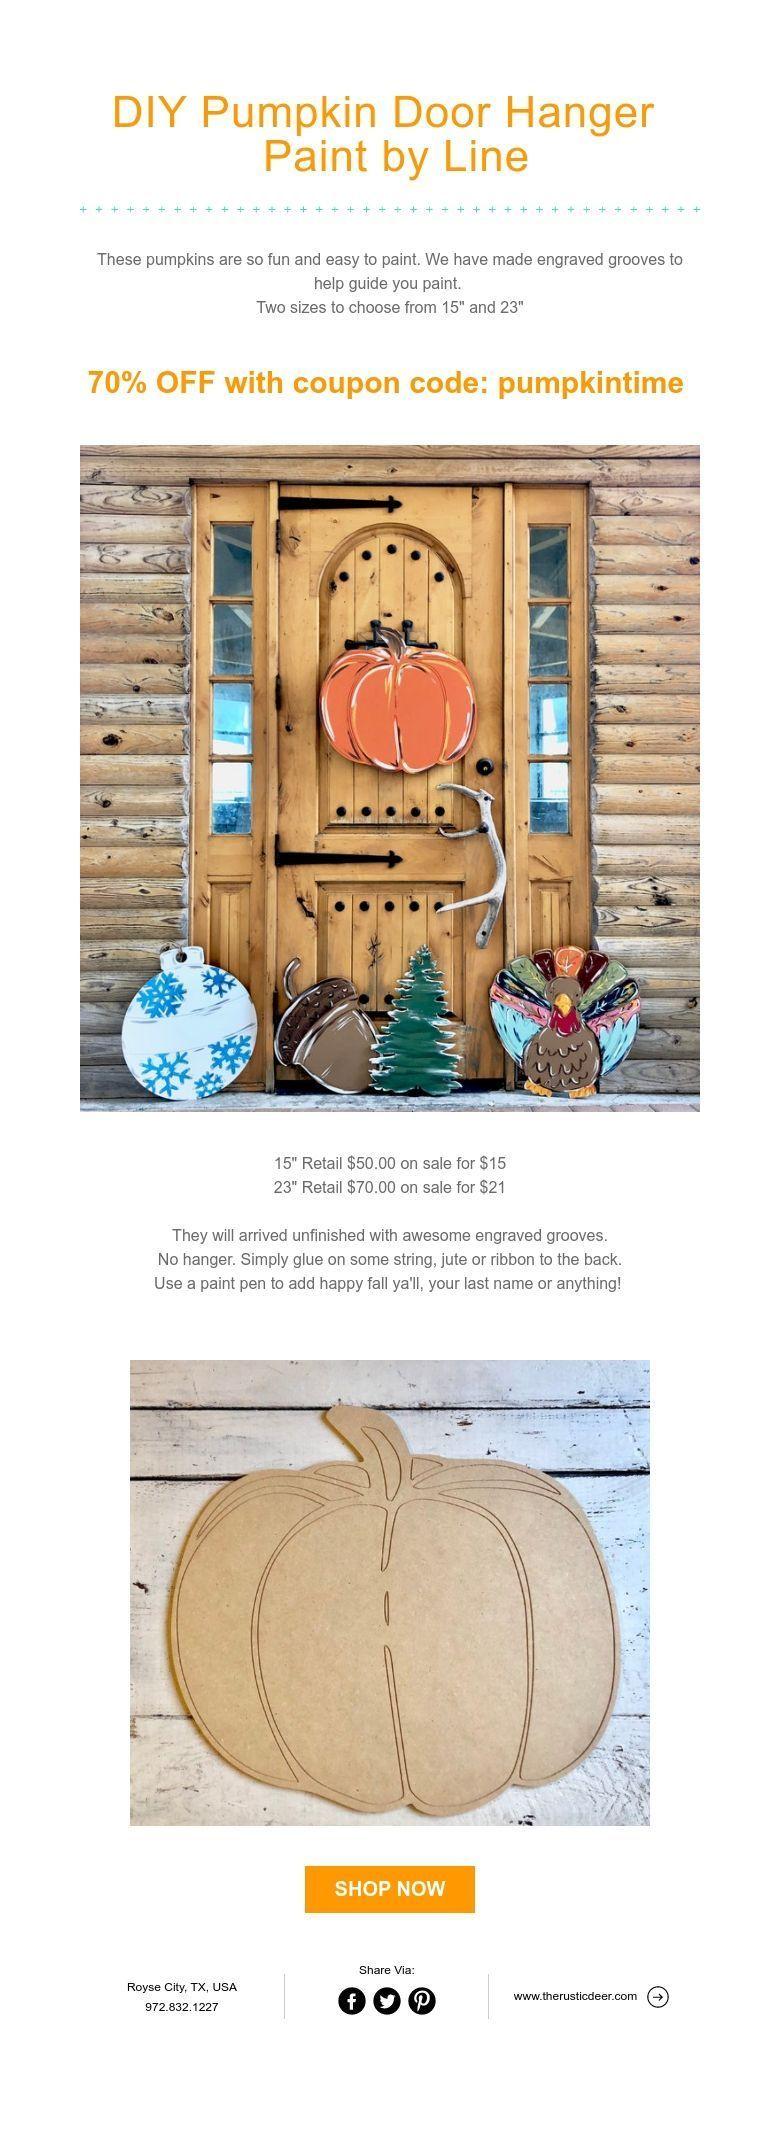 DIY Pumpkin Door Hanger Paint by Line sale fall #homedecor  #doorhangers #falldecor  #diypumpkins #pumpkindecor